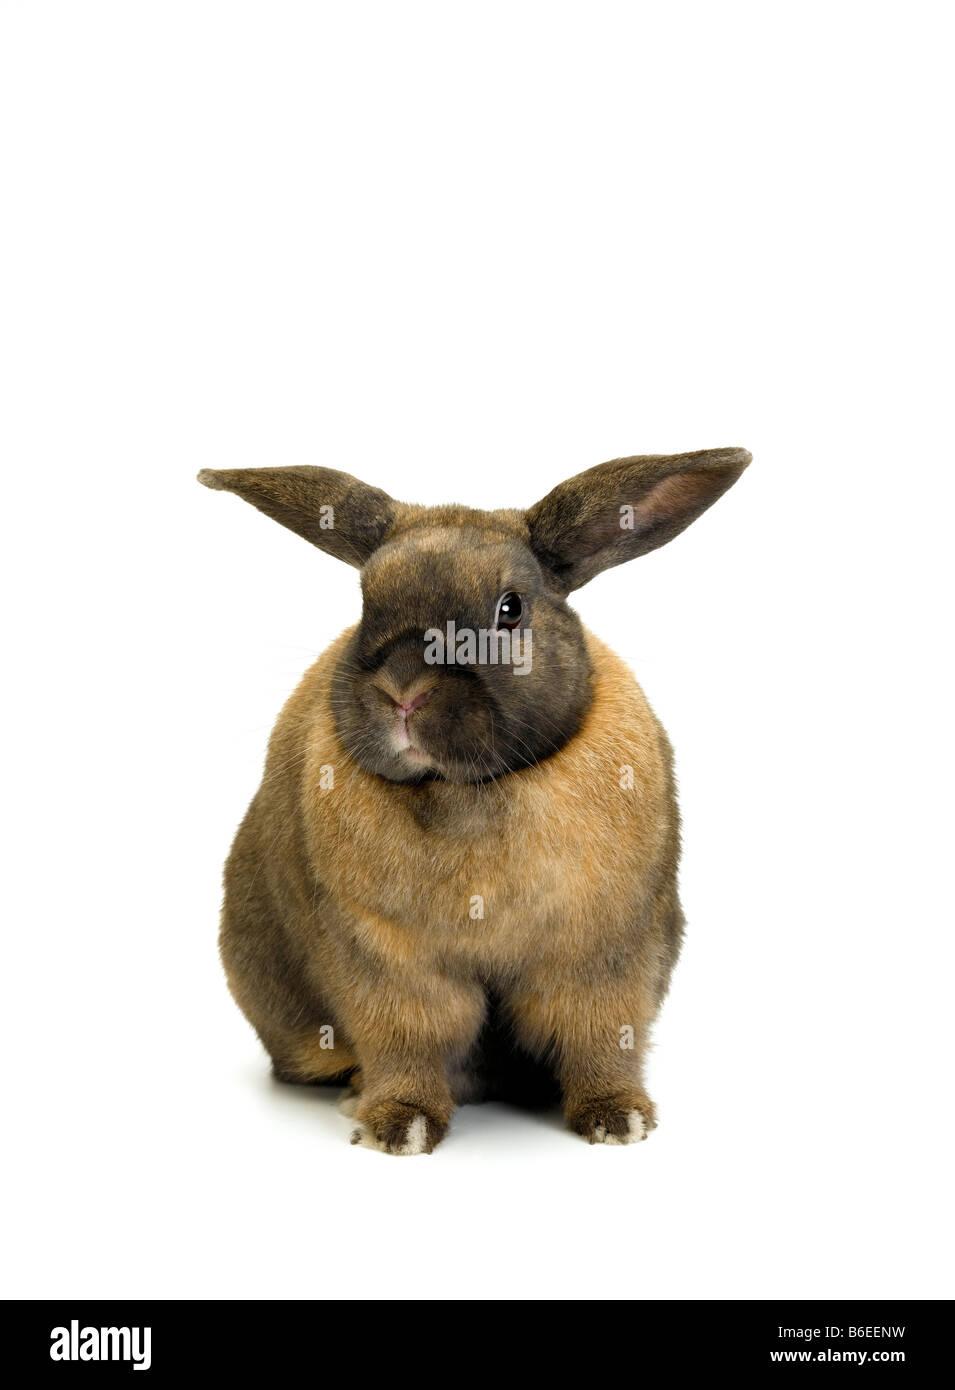 rabbit - Stock Image